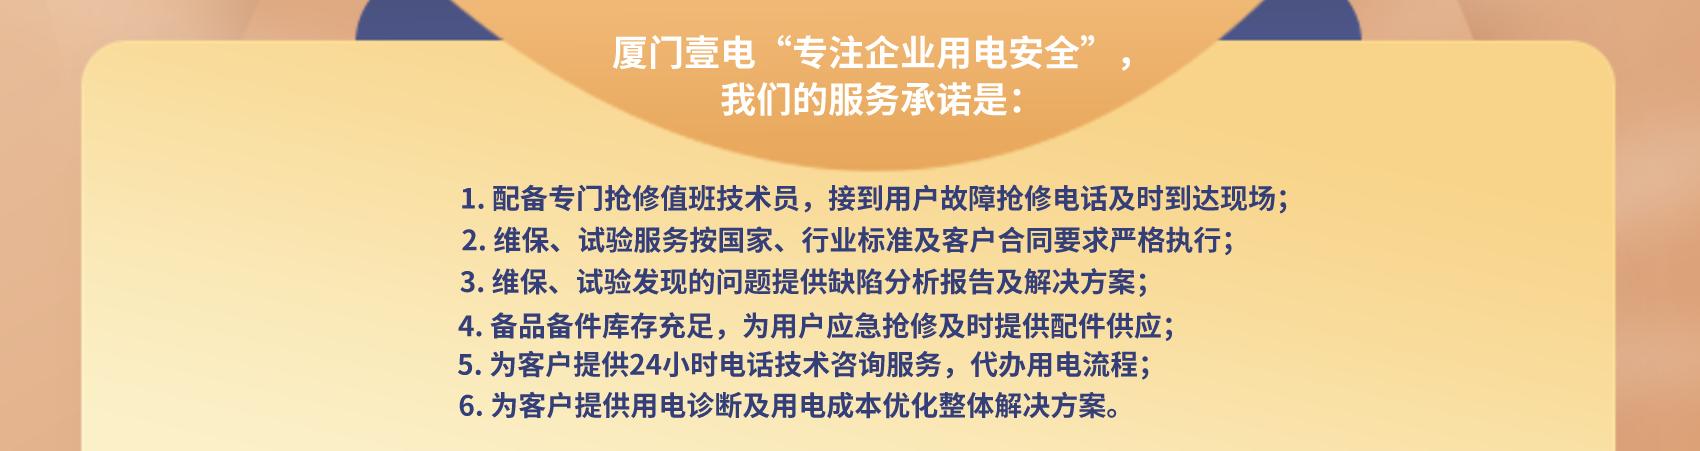 厦门壹电电力服务有限公司